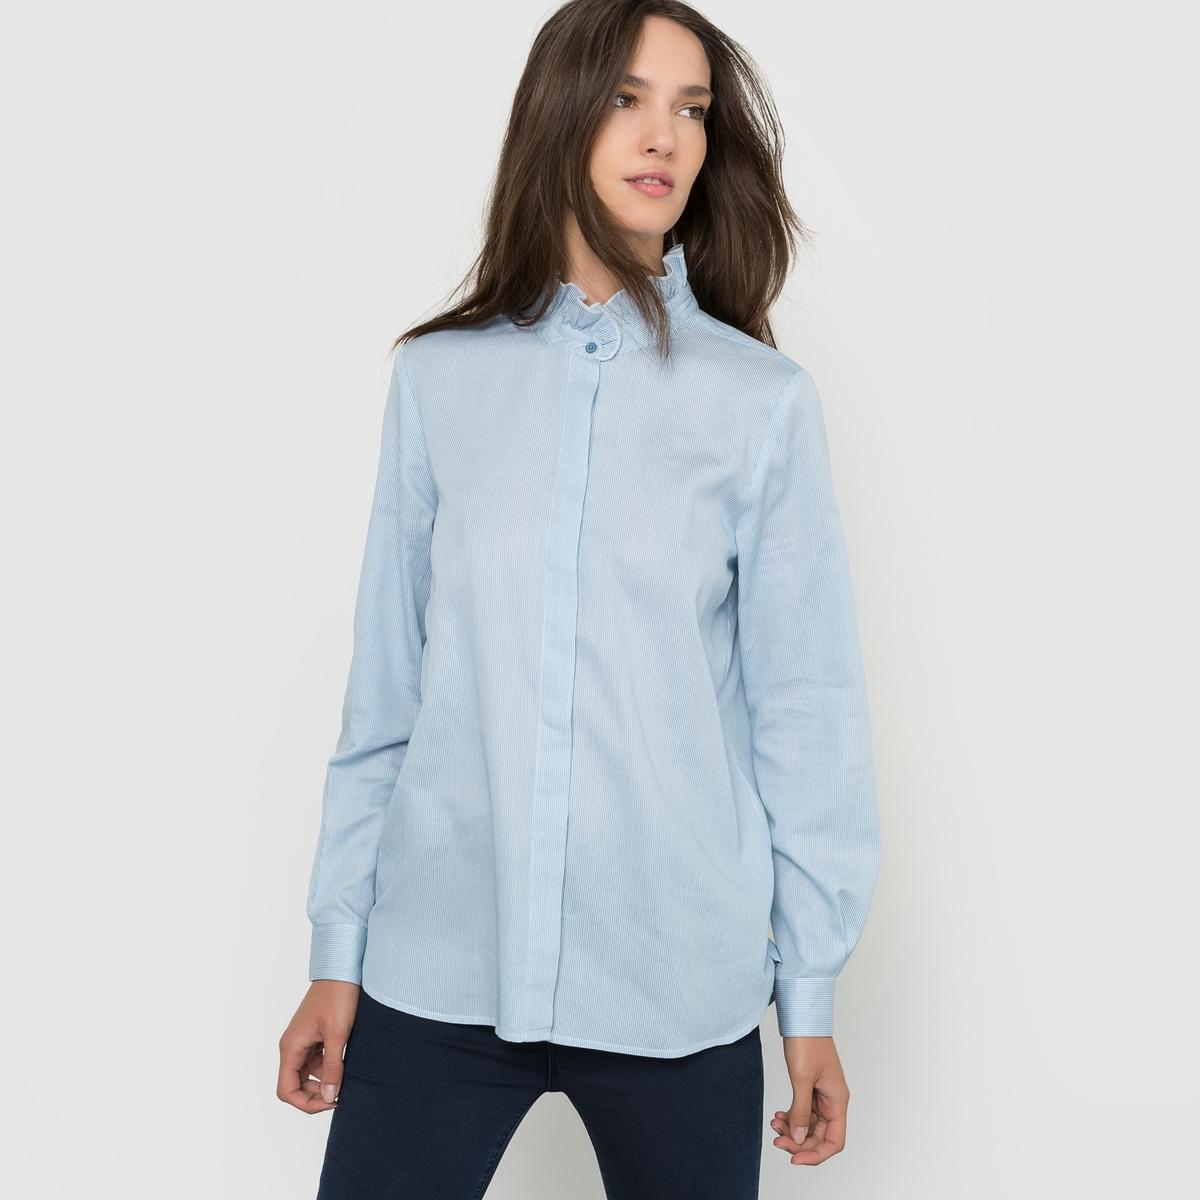 Рубашка в полоску, воротник с воланами от SCHOOL RAG